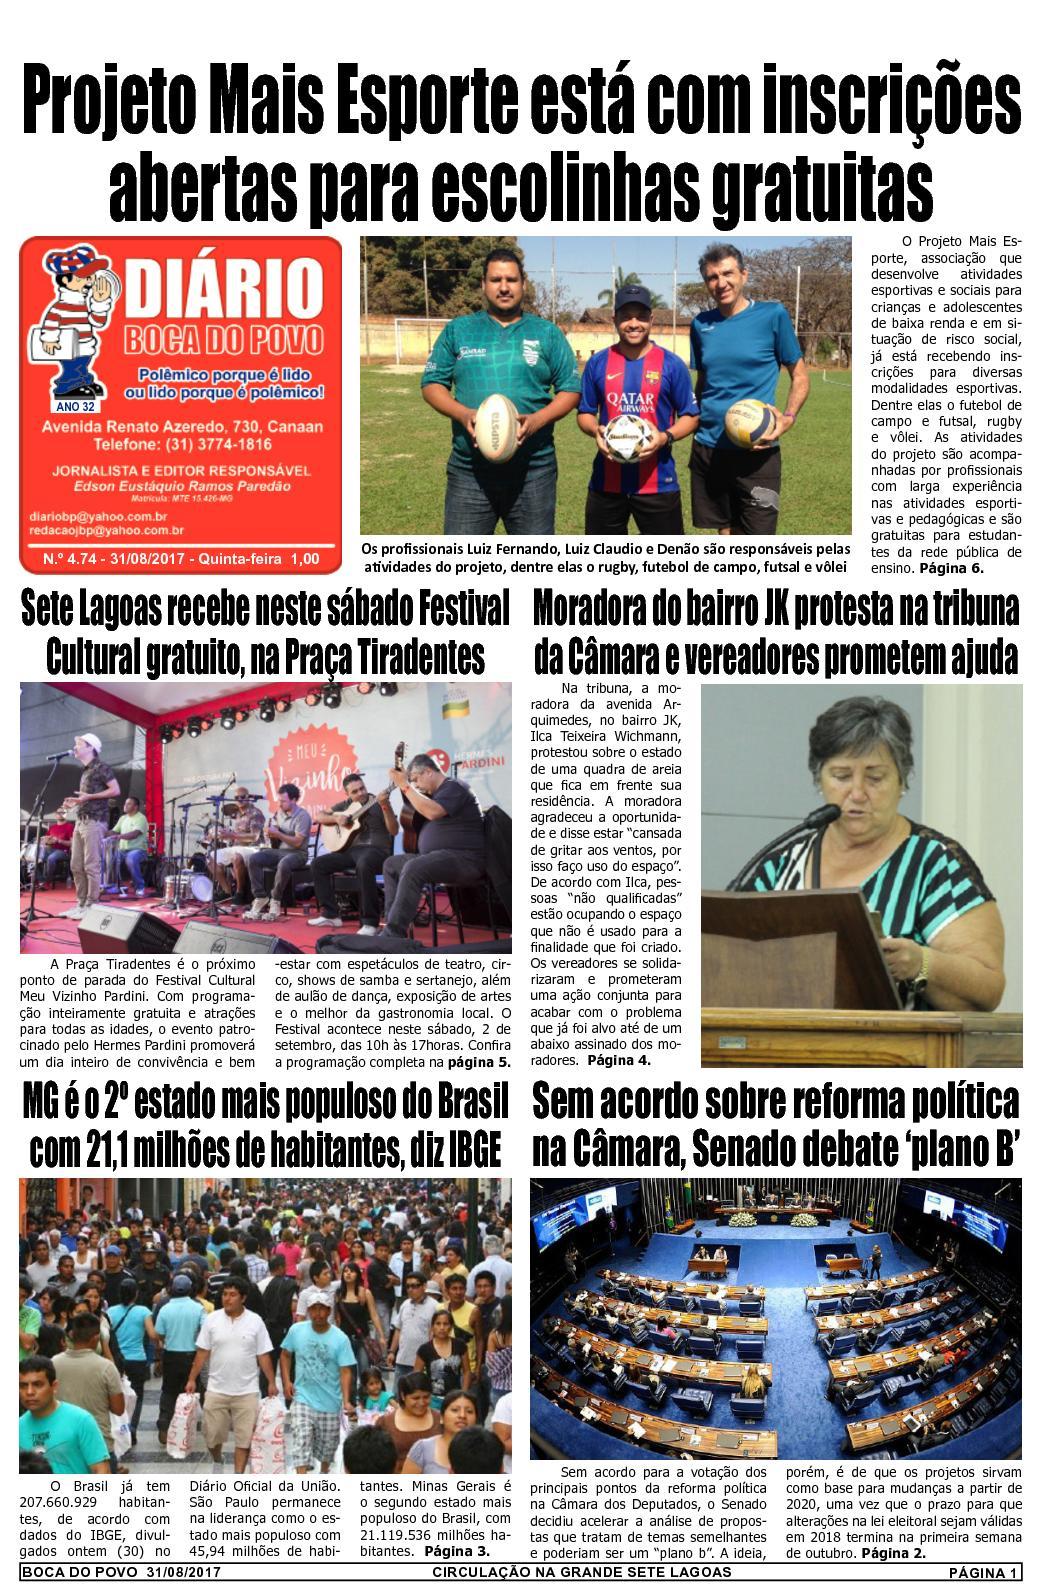 Calaméo - Jornal Diário Boca do Povo de quinta-feira dia 31 de agosto de  2017 746247404737c